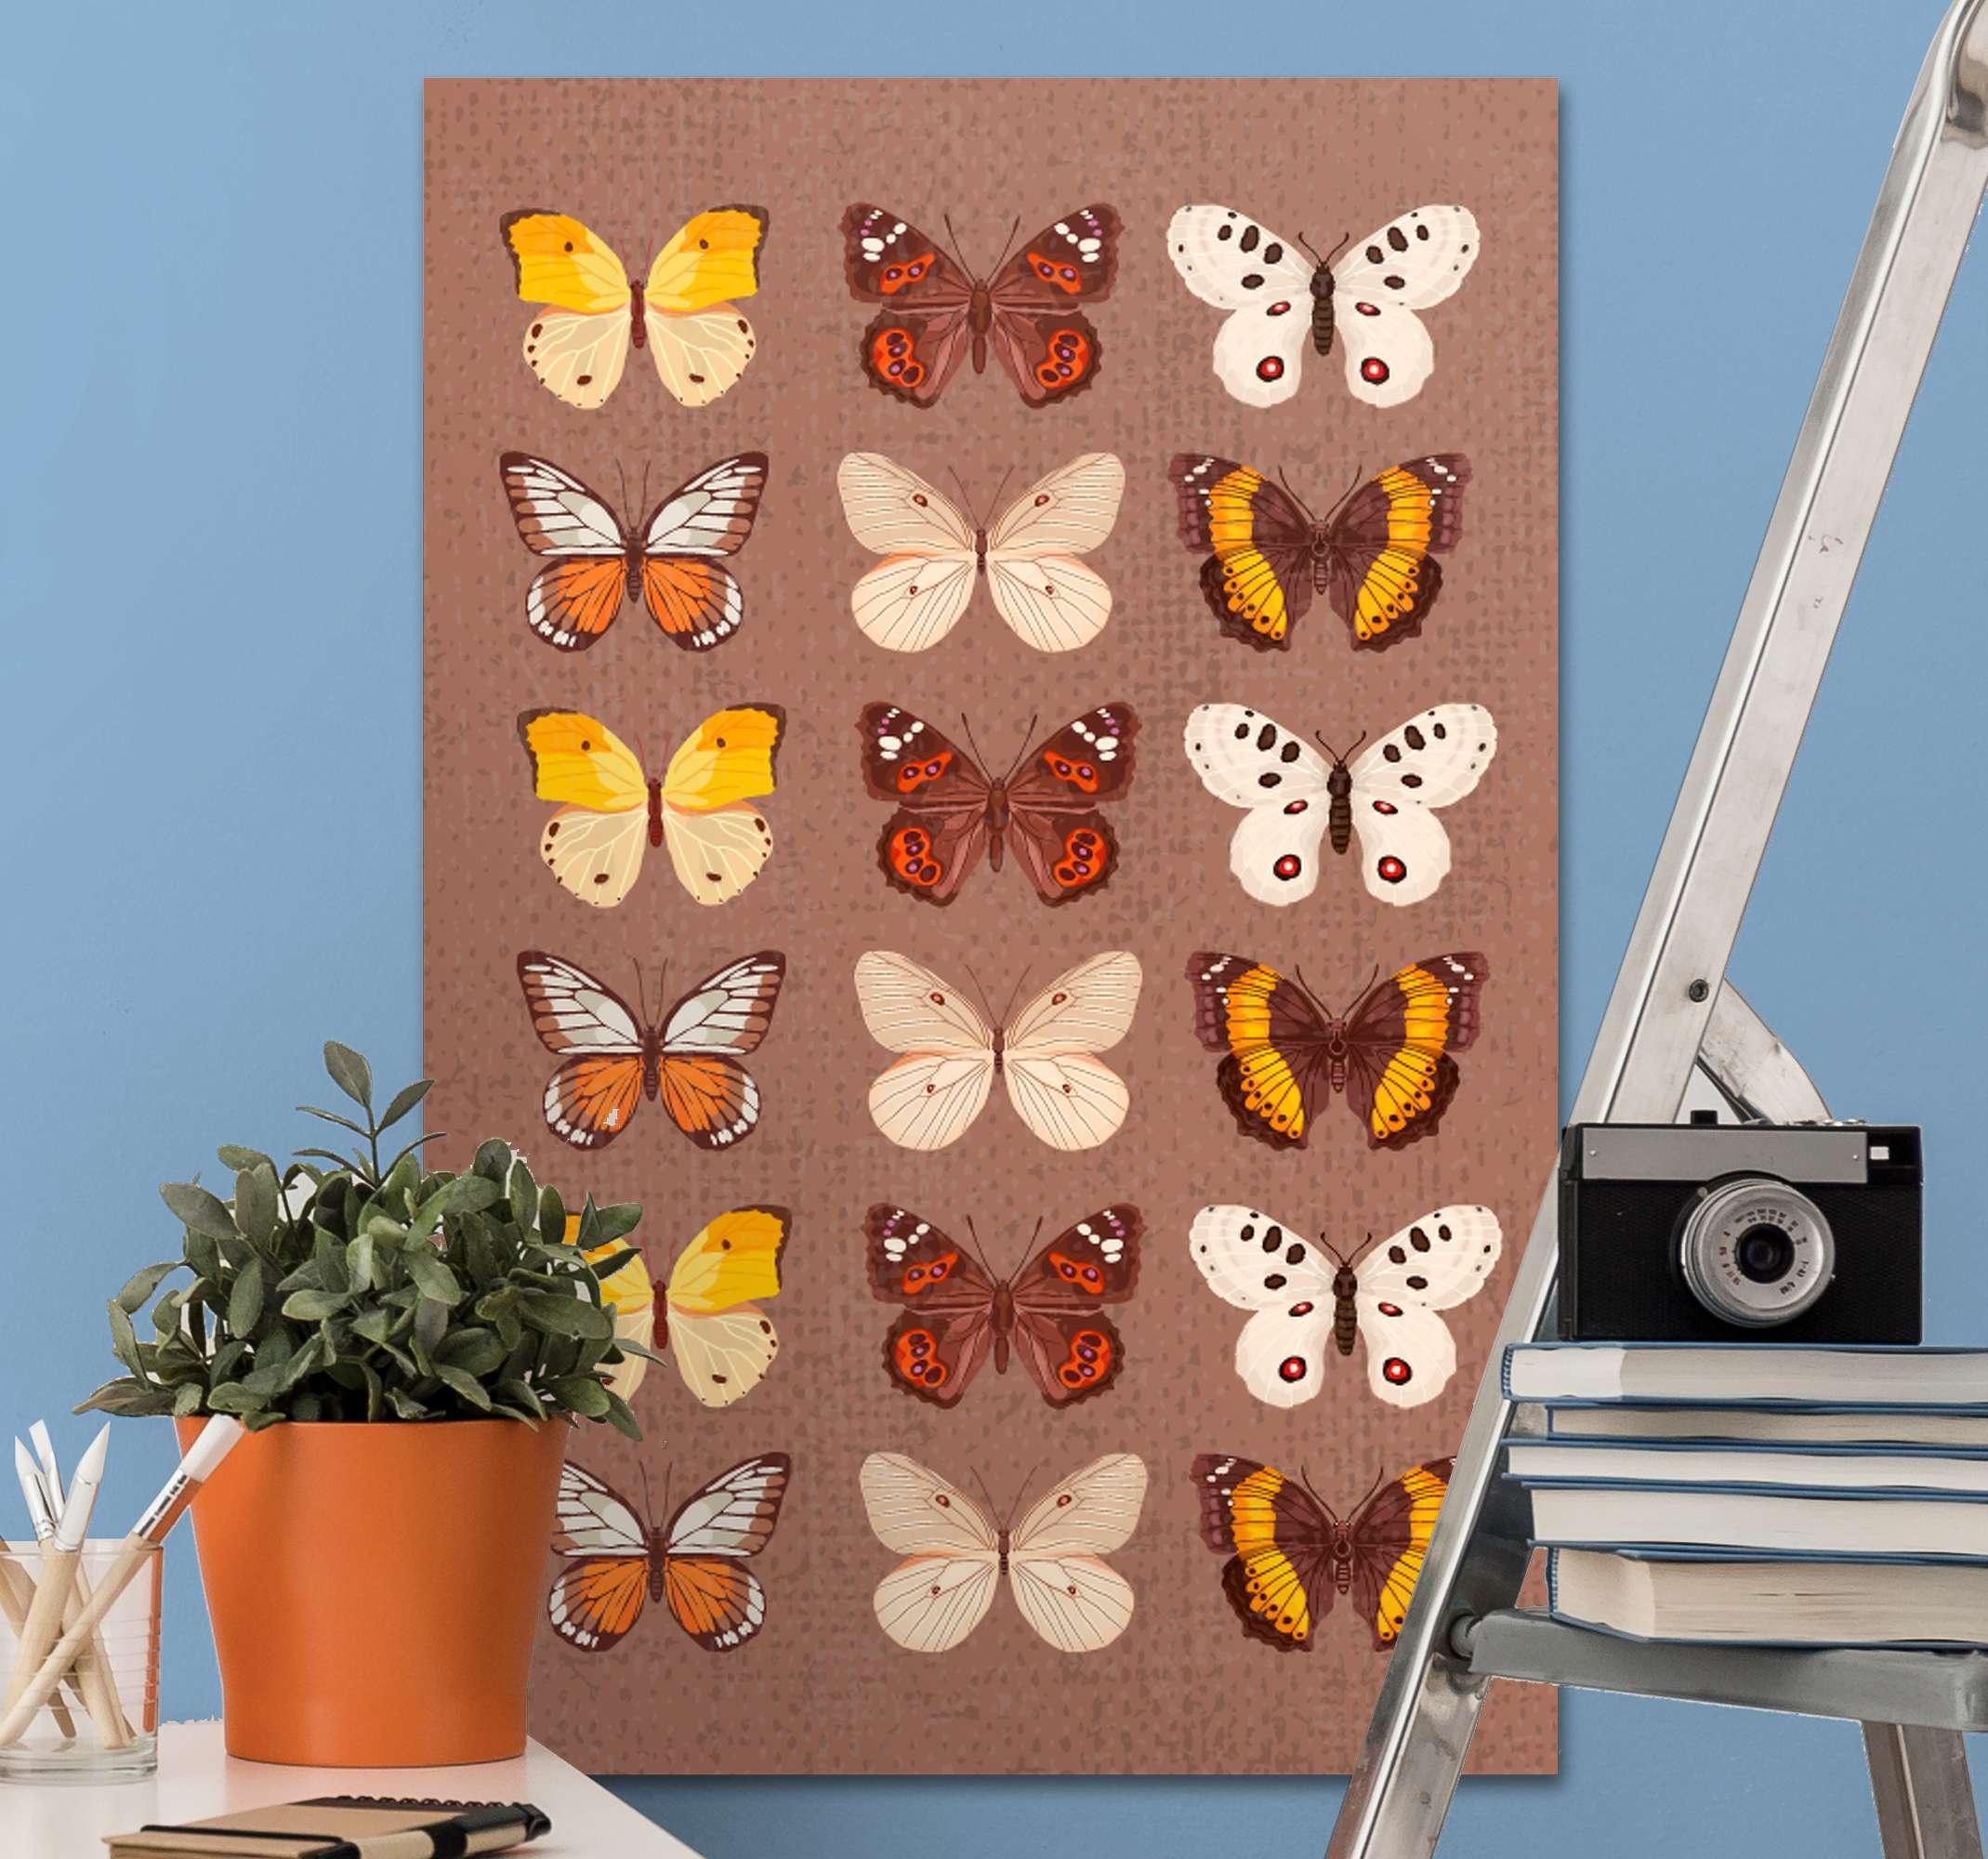 TenStickers. Vintage sommerfugle vintage vægtryk. En vintage sommerfugle mønster lærredskunst til elskere af sommerfugle. Perfekt til ethvert rum i et hus og til et kontor og forretningssted.